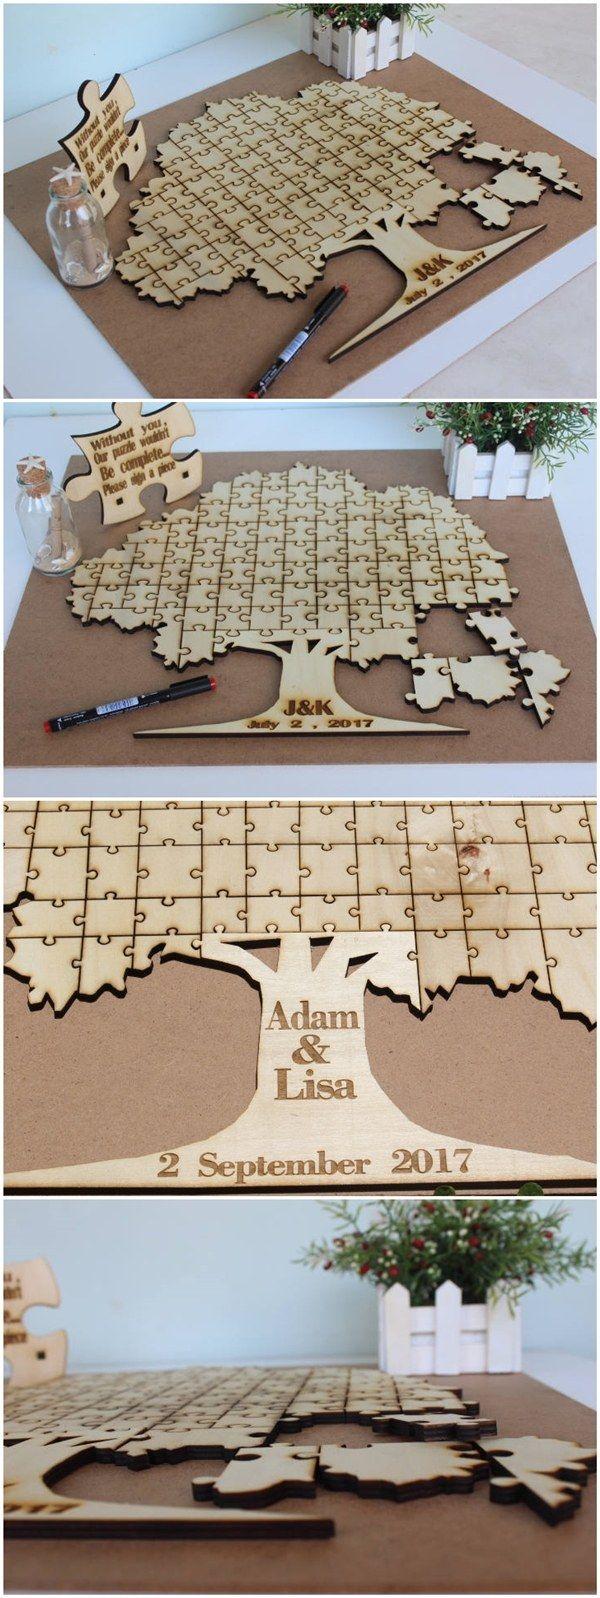 personalised puzzle custom wedding guest book / http://www.deerpearlflowers.com/rustic-wedding-guest-book-ideas/